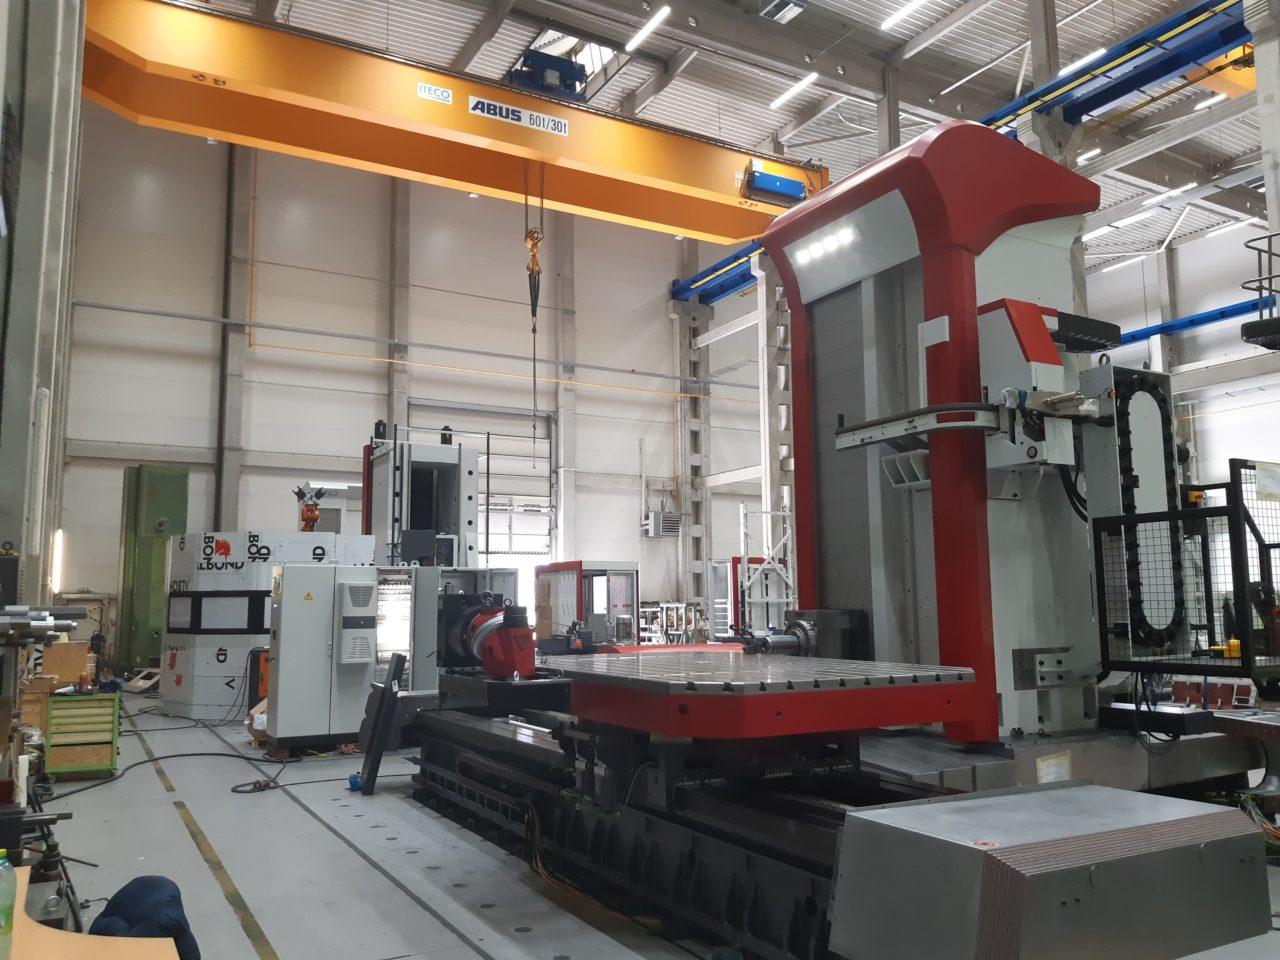 Приёмка горизонтально-расточного станка Fermat WFT 15R CNC и навесного оборудования к нему, изготовленного для ООО «Сибэлектро»